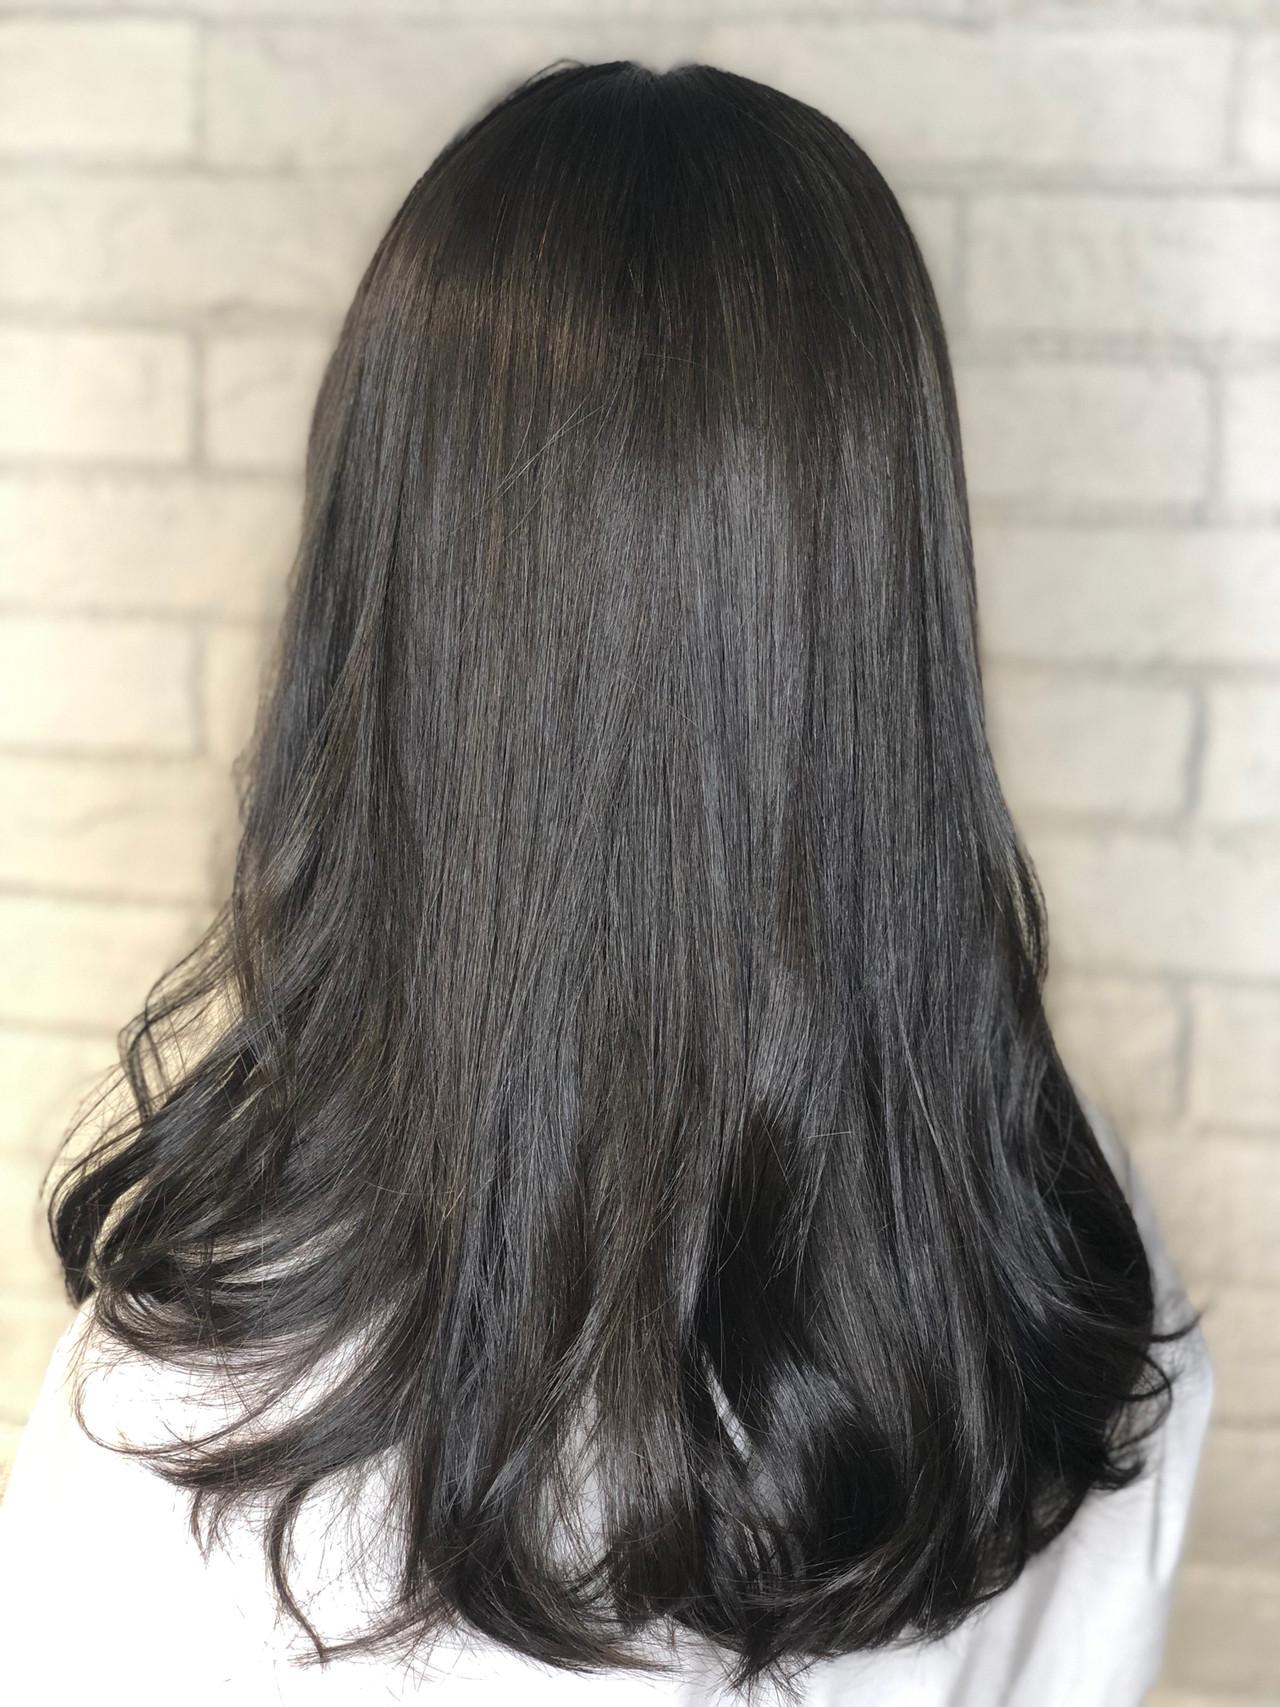 ロング デート オリーブアッシュ ヘアアレンジ ヘアスタイルや髪型の写真・画像